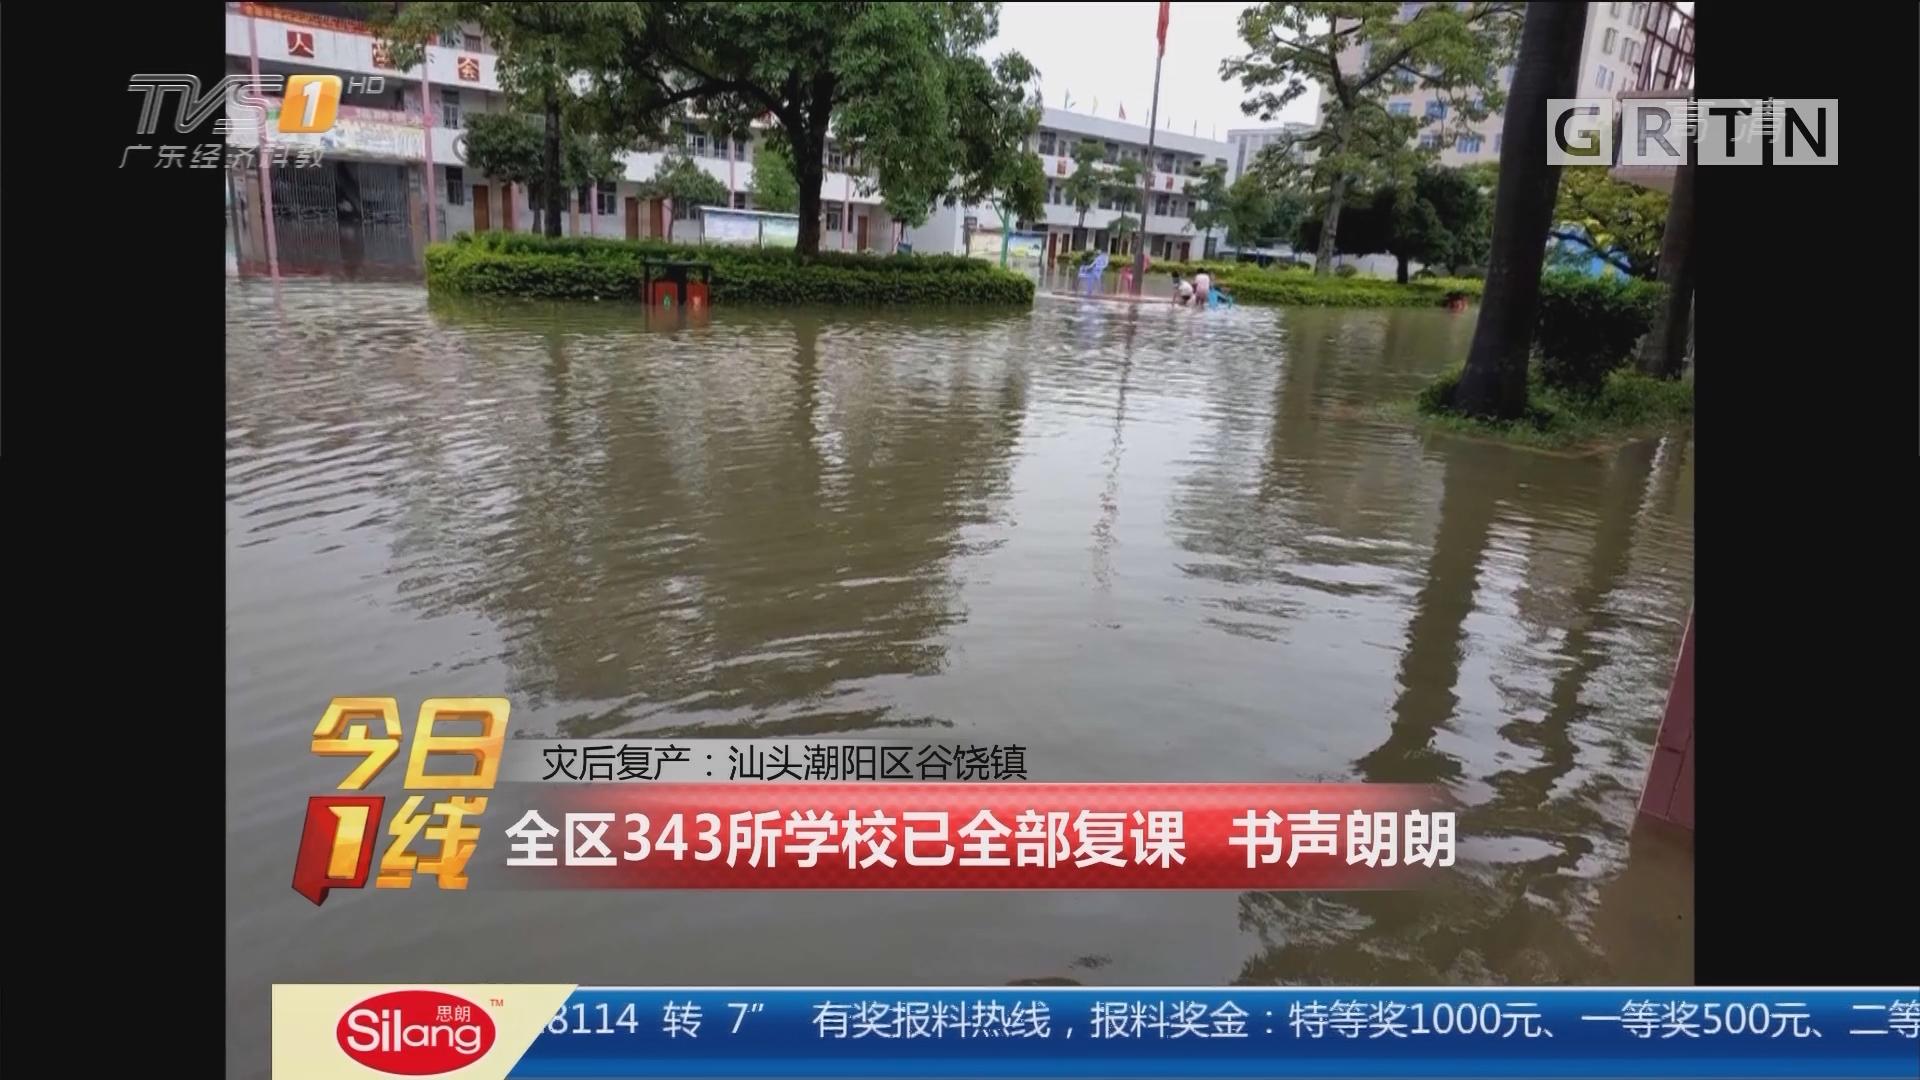 灾后复产:汕头潮阳区谷饶镇 全区343所学校已全部复课 书声朗朗